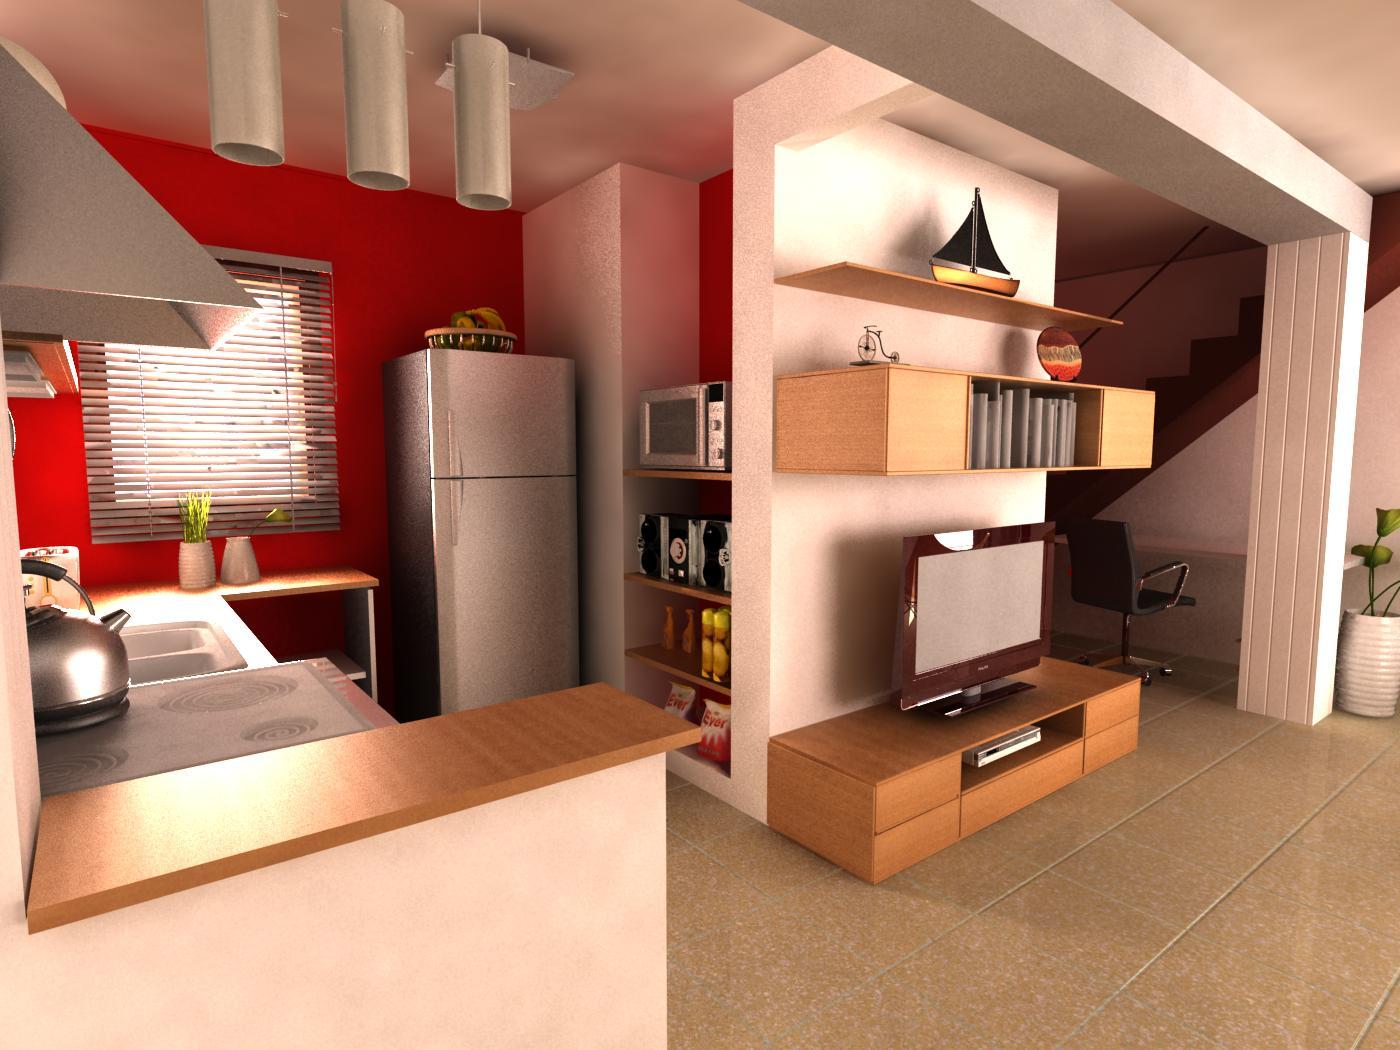 De que color puedo pintar la cocina yahoo answers - Que color puedo pintar mi cocina ...